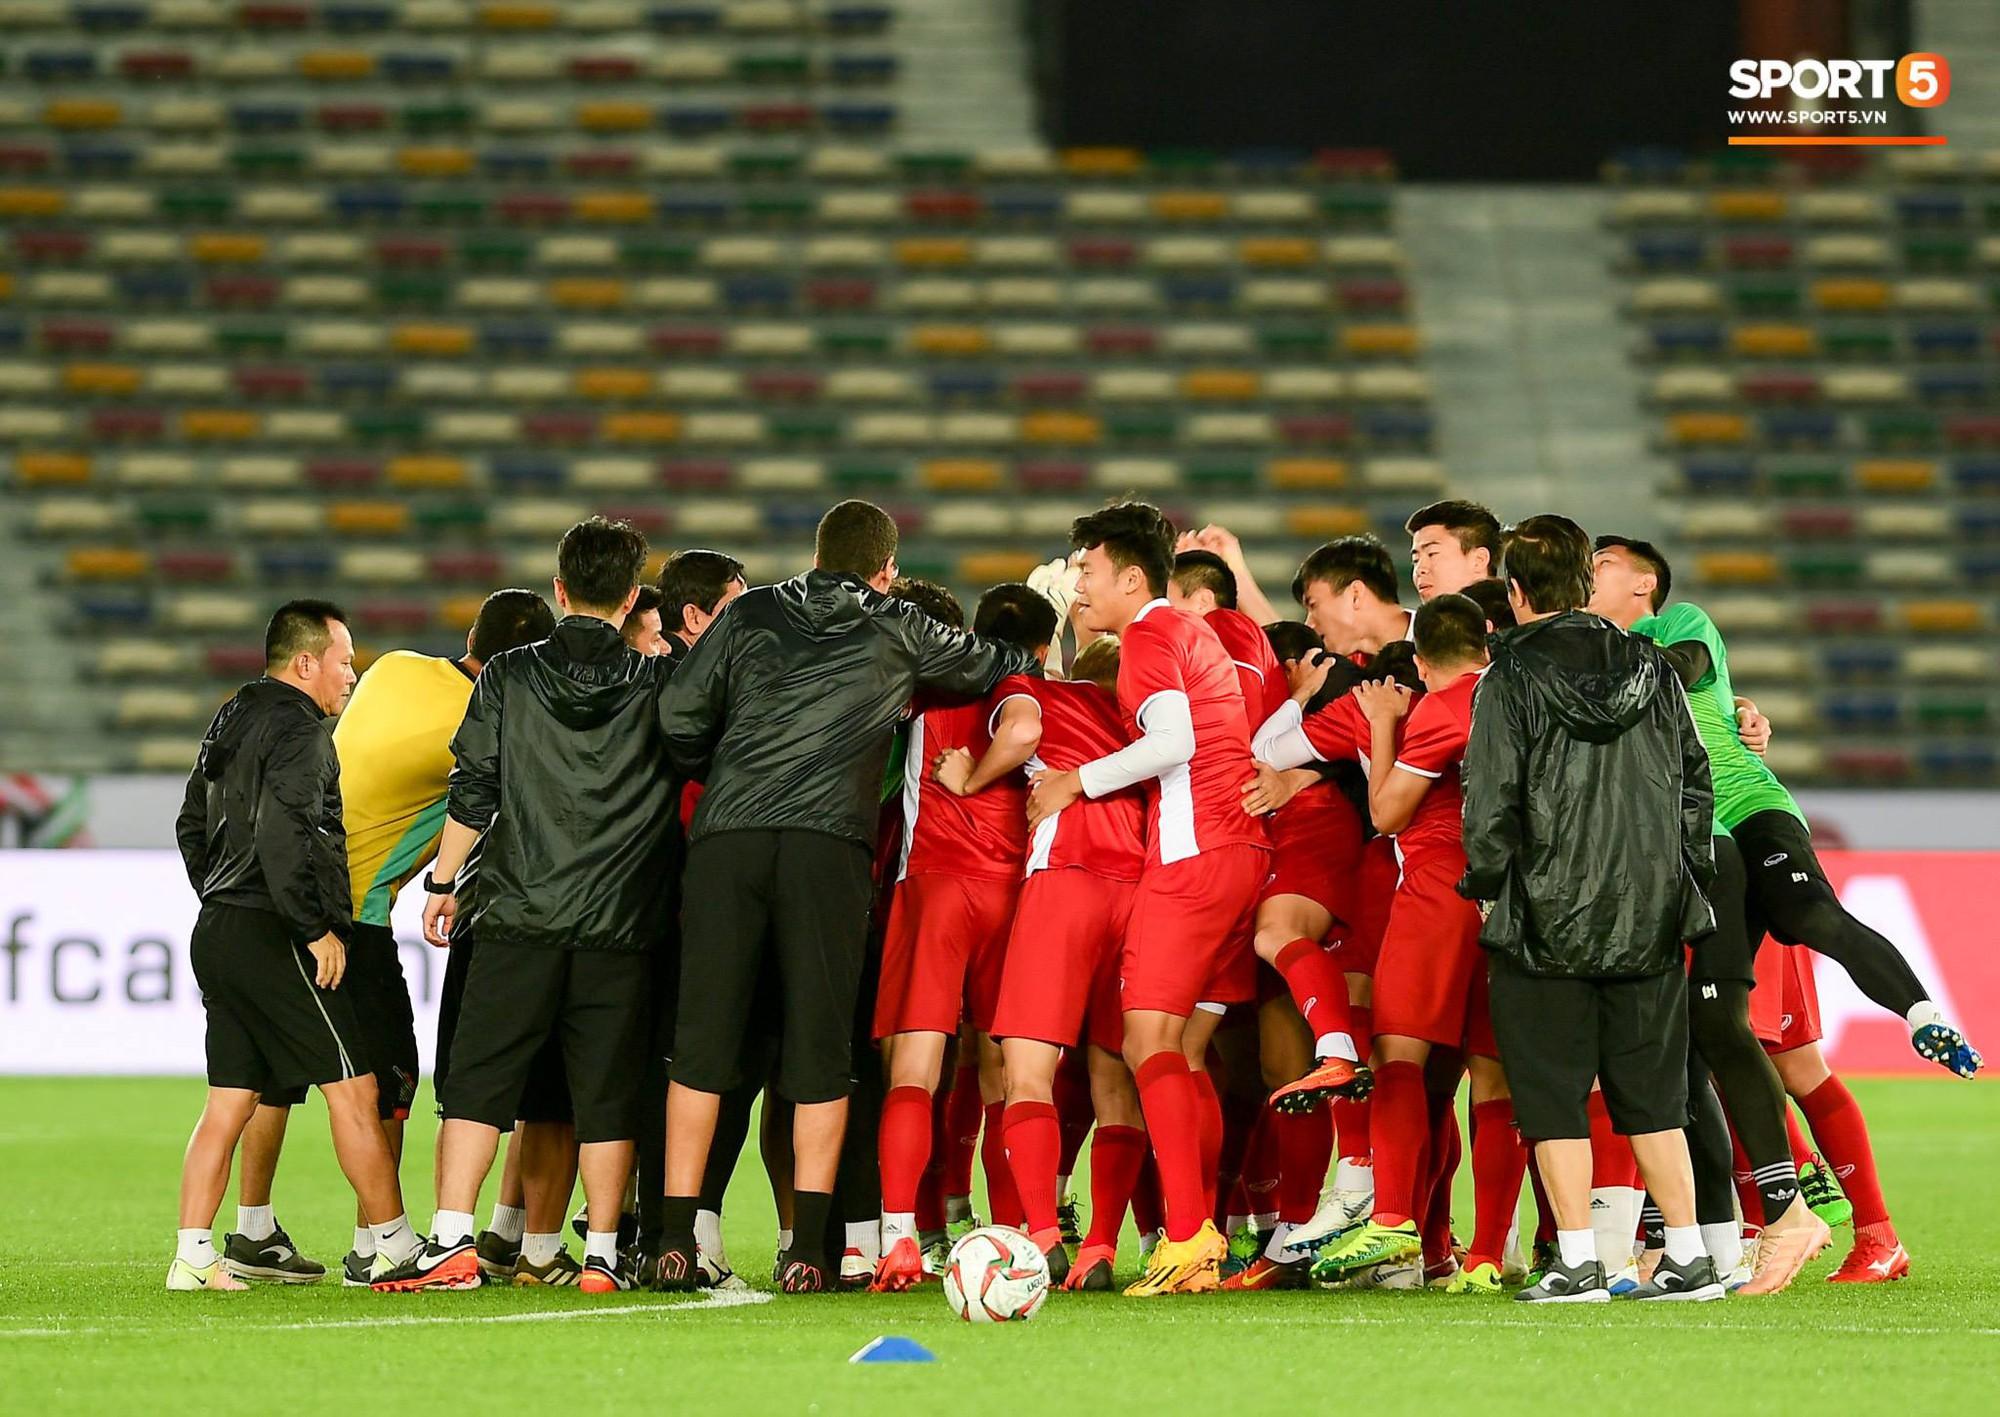 Công Phượng, Văn Hậu cười tít mắt trên sân đấu đẹp như mơ tại UAE - Ảnh 11.